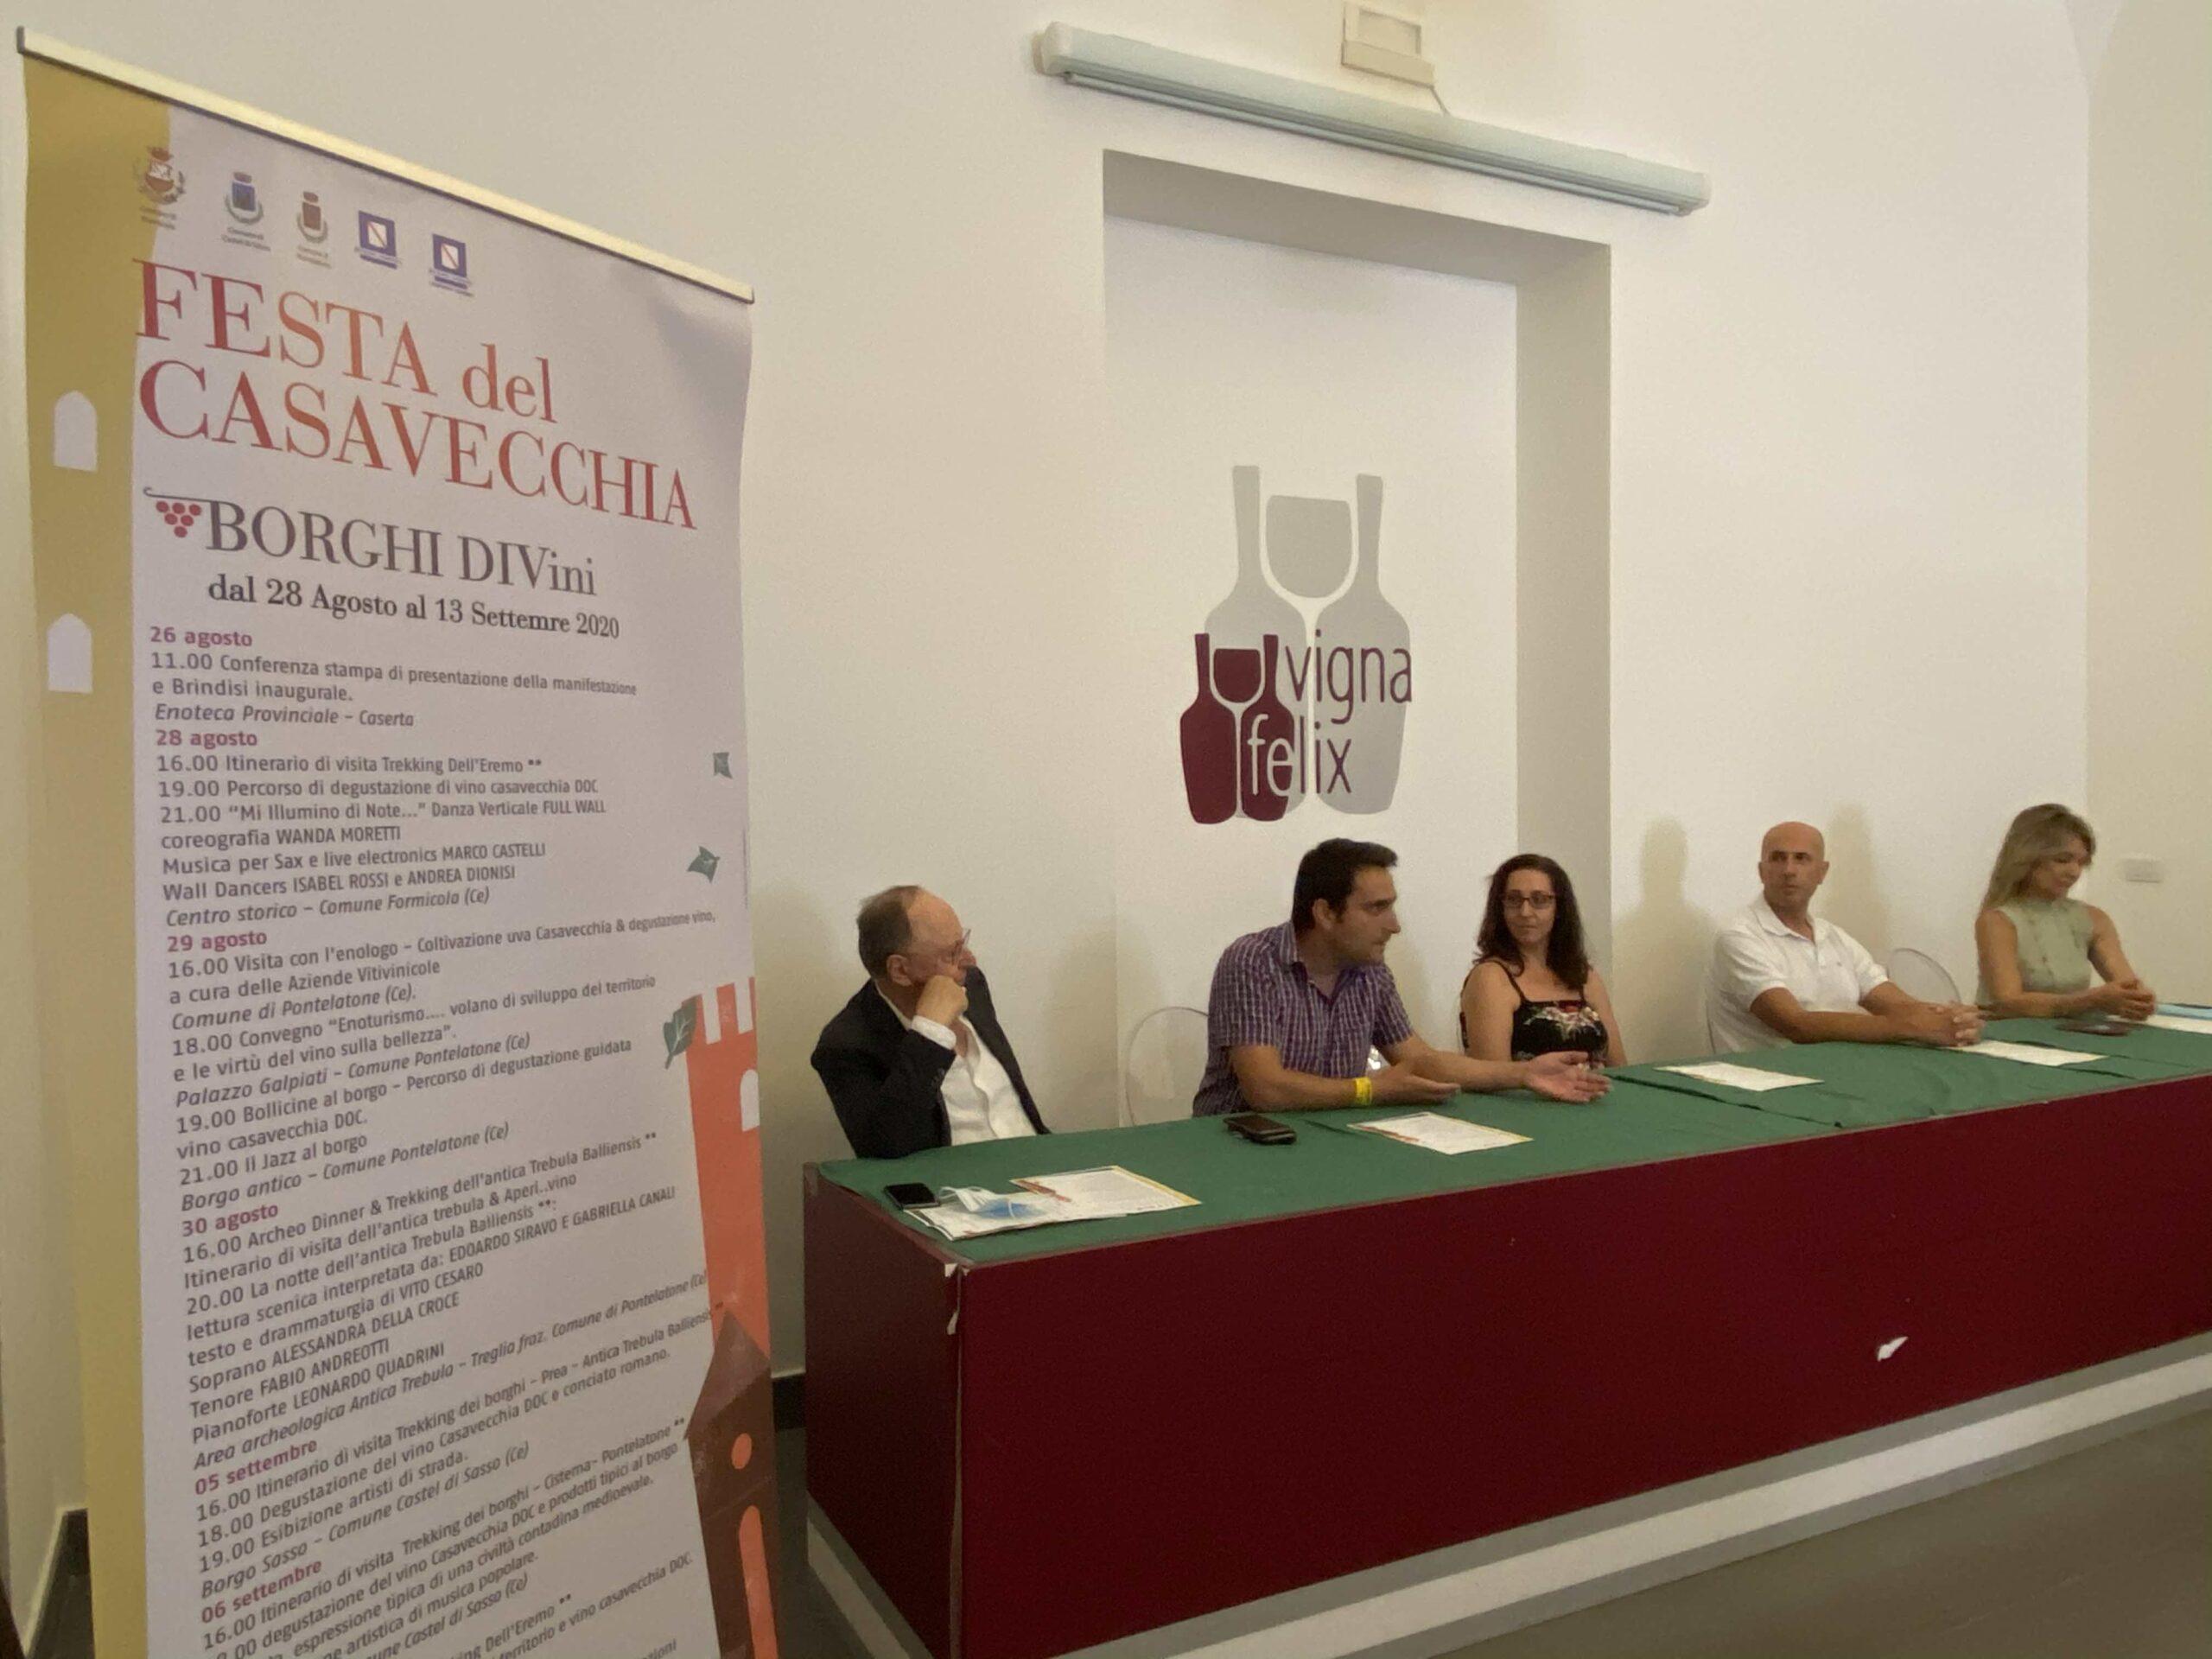 Borghi DiVini, Festa del Caserta Vecchia dal 28 agosto al 13 settembre